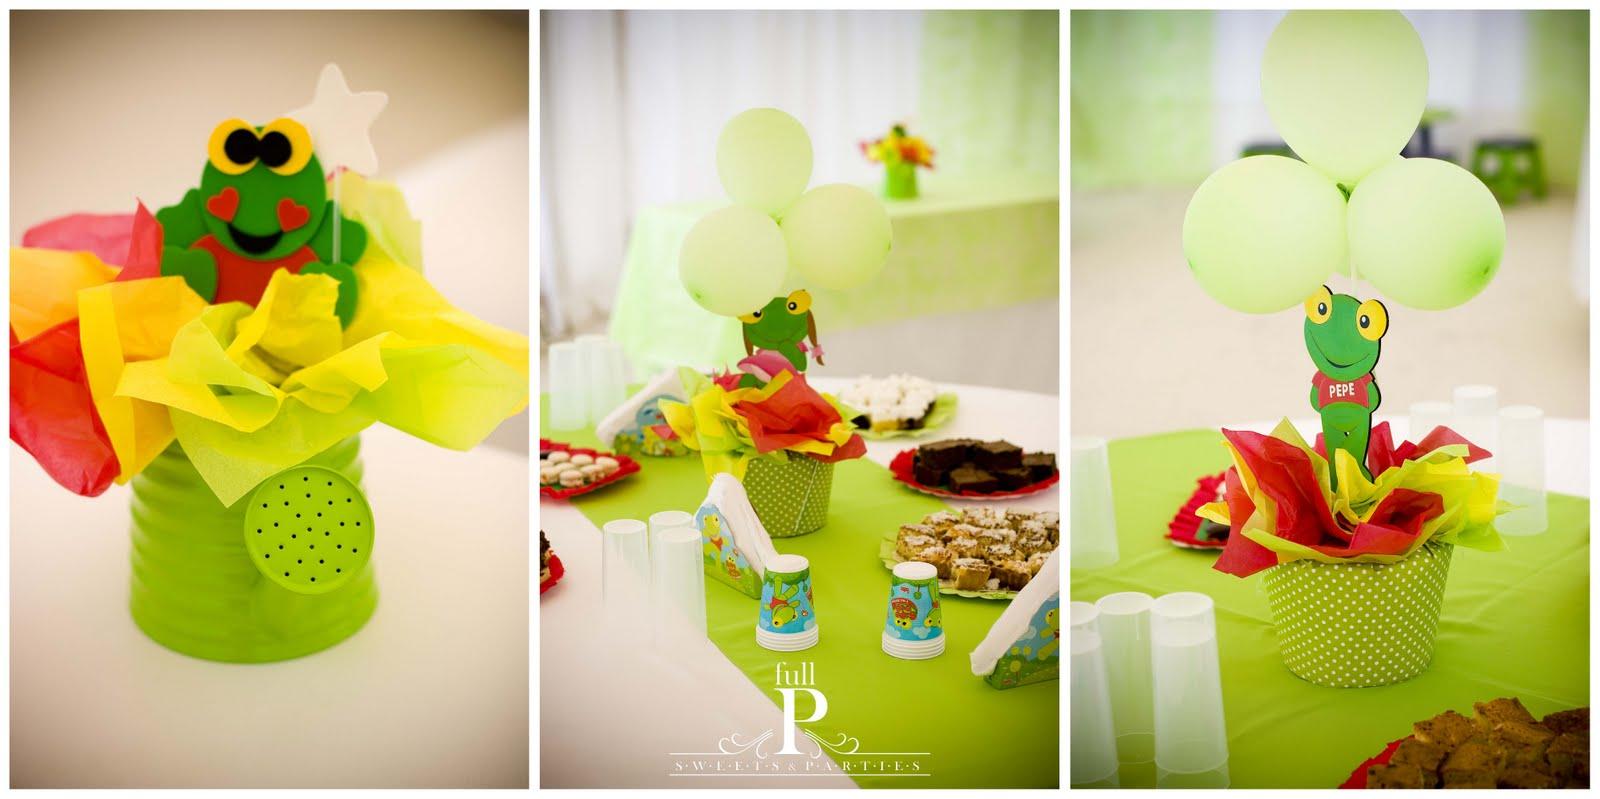 Un Cartel de Feliz Cumpleaños acompañaba la mesa con los souvenirs ...